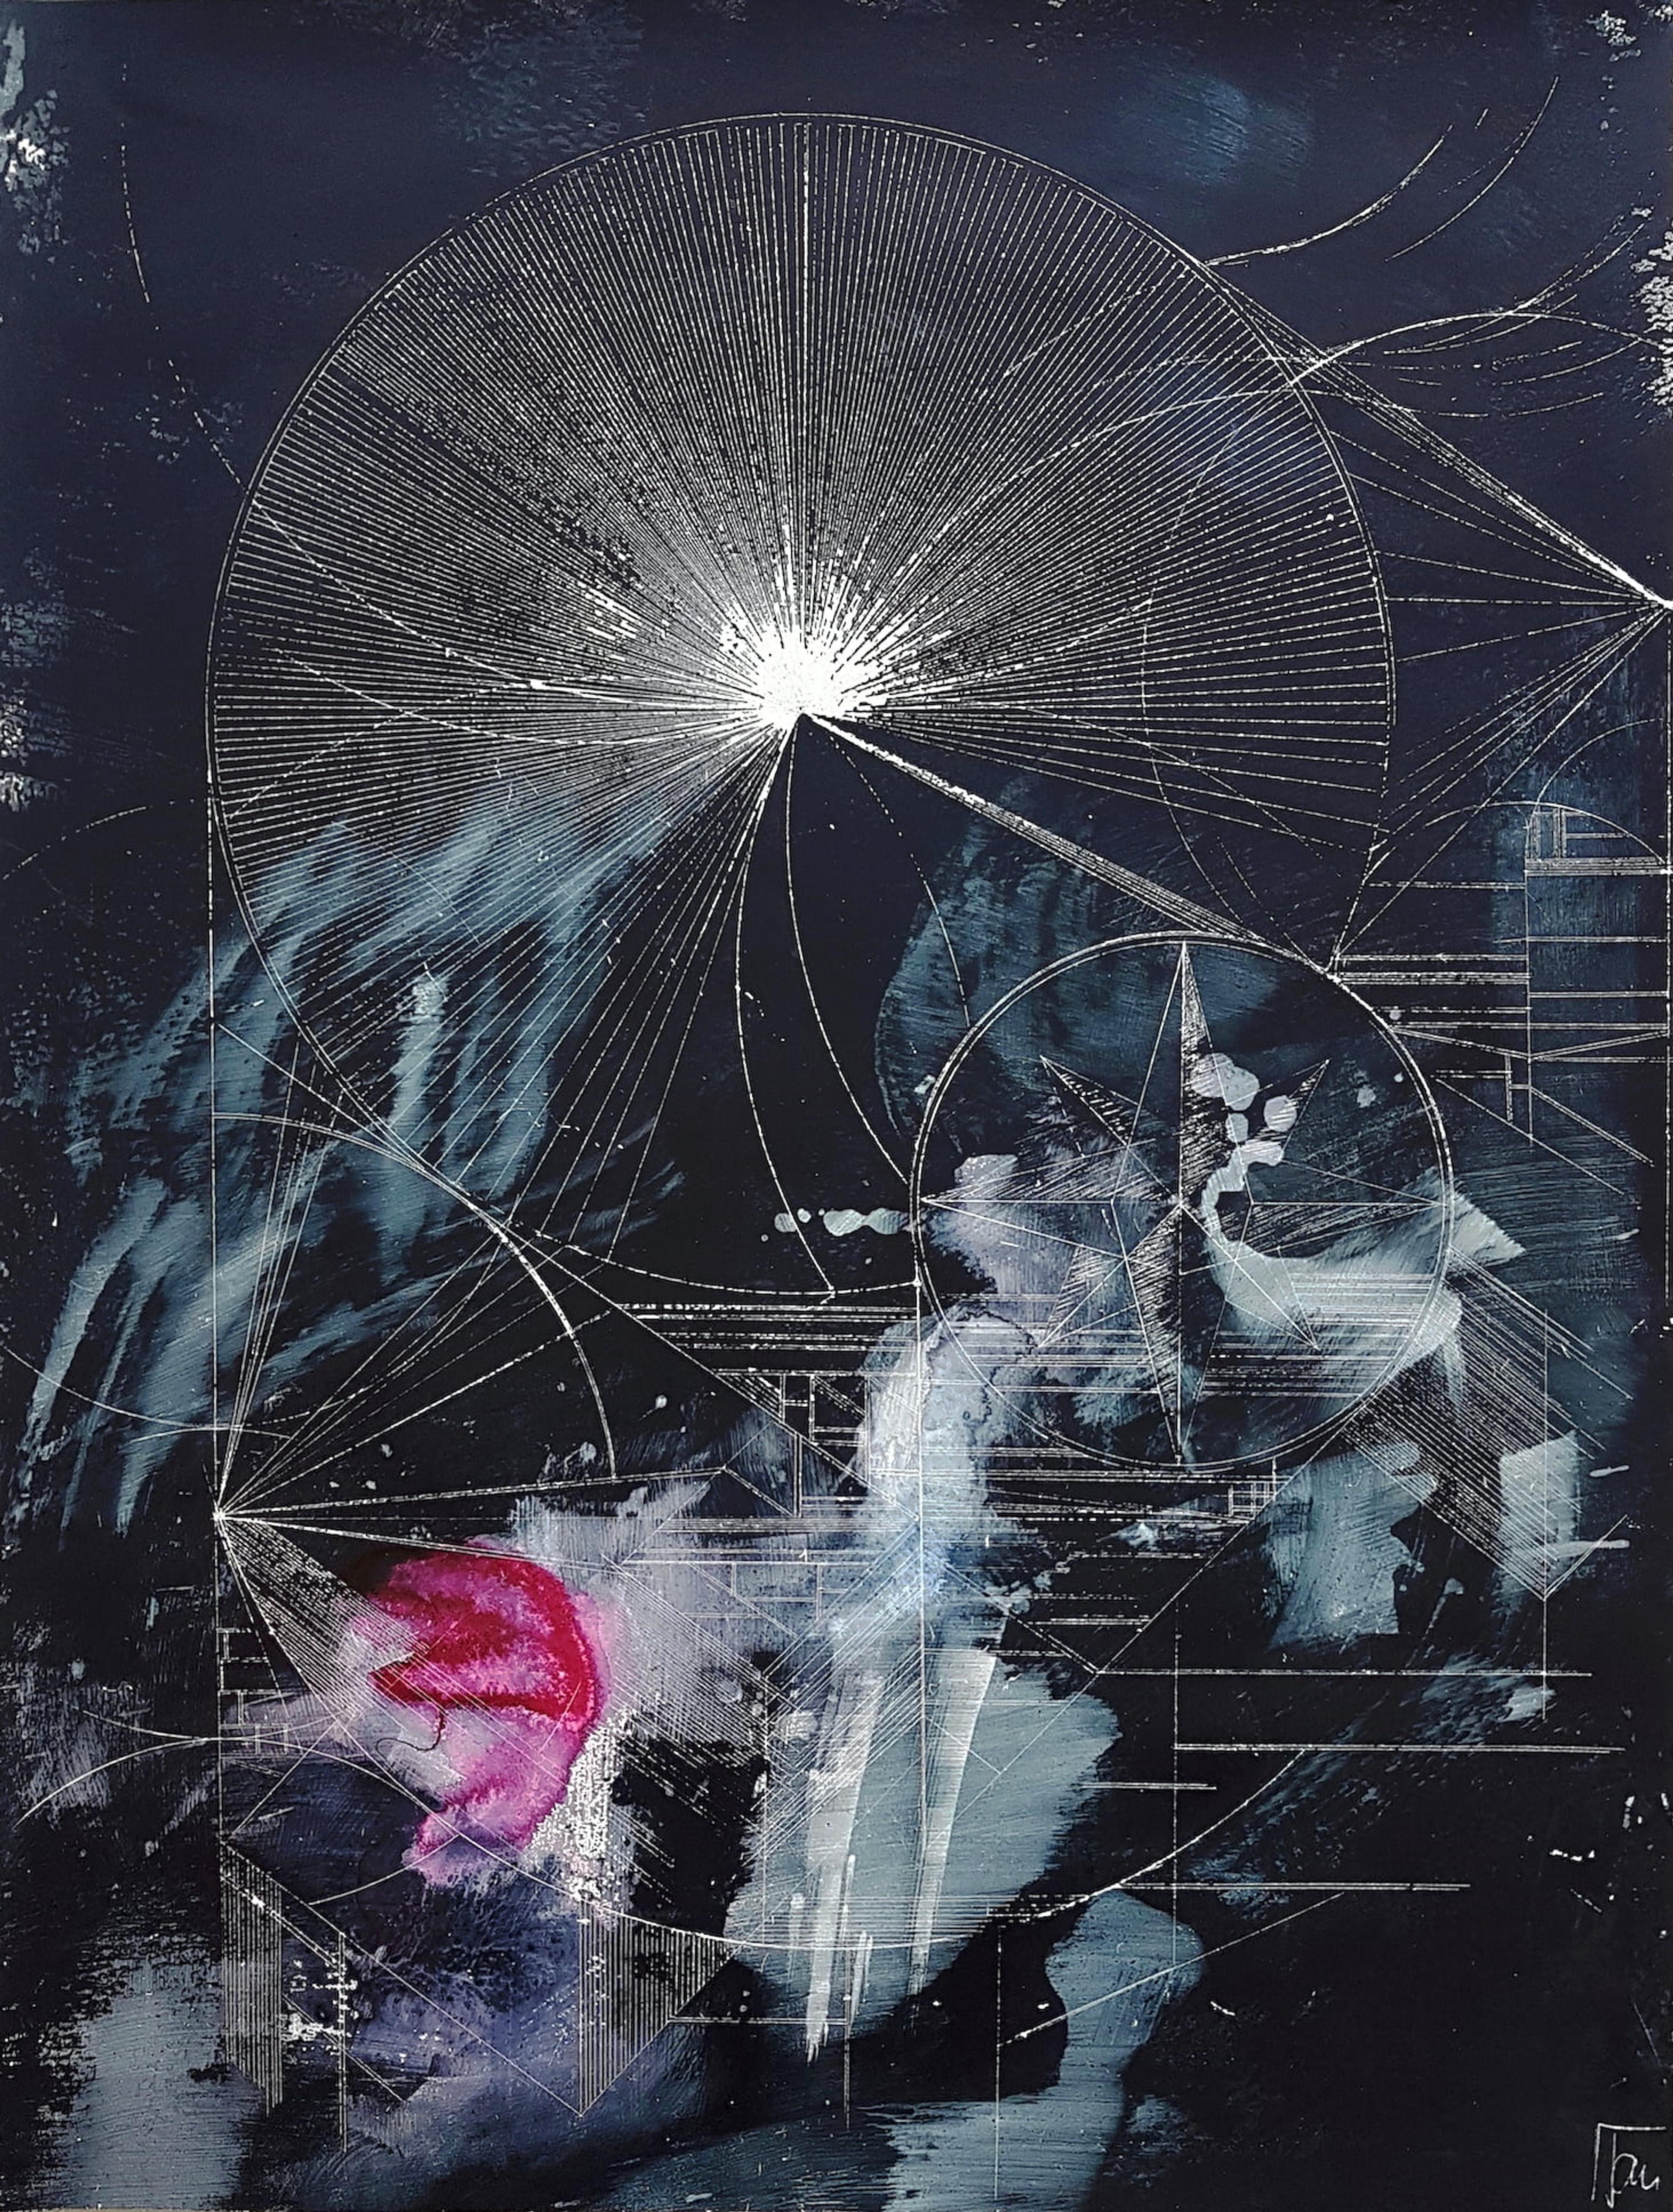 artwork Nightwalk 1 by Jana Schumacher